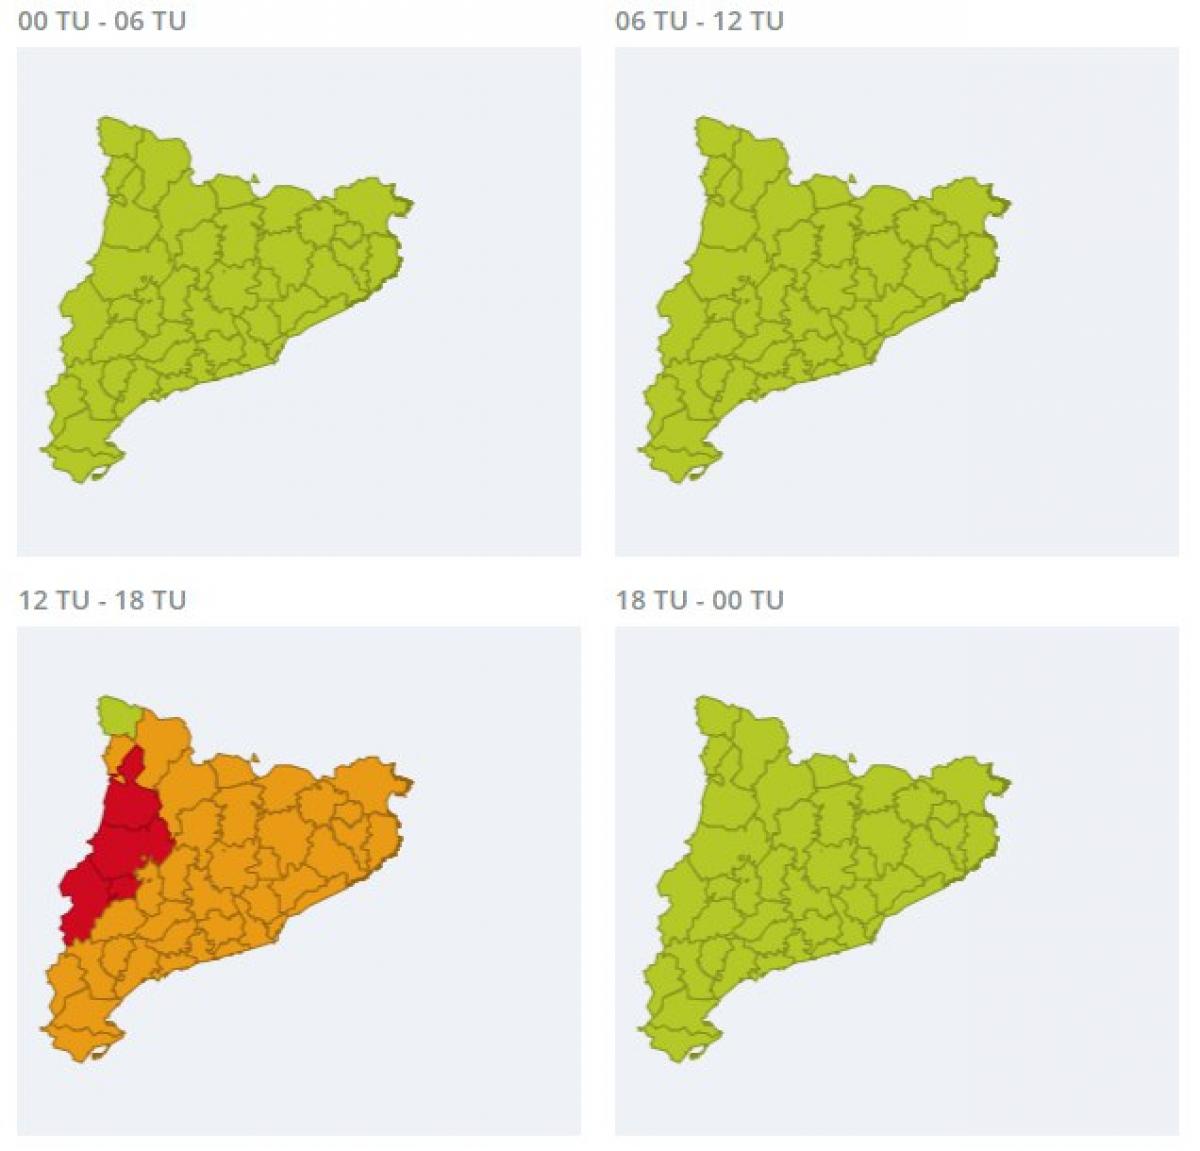 Avisos per onada de calor emesos pel Servei Meteorològic de Catalunya